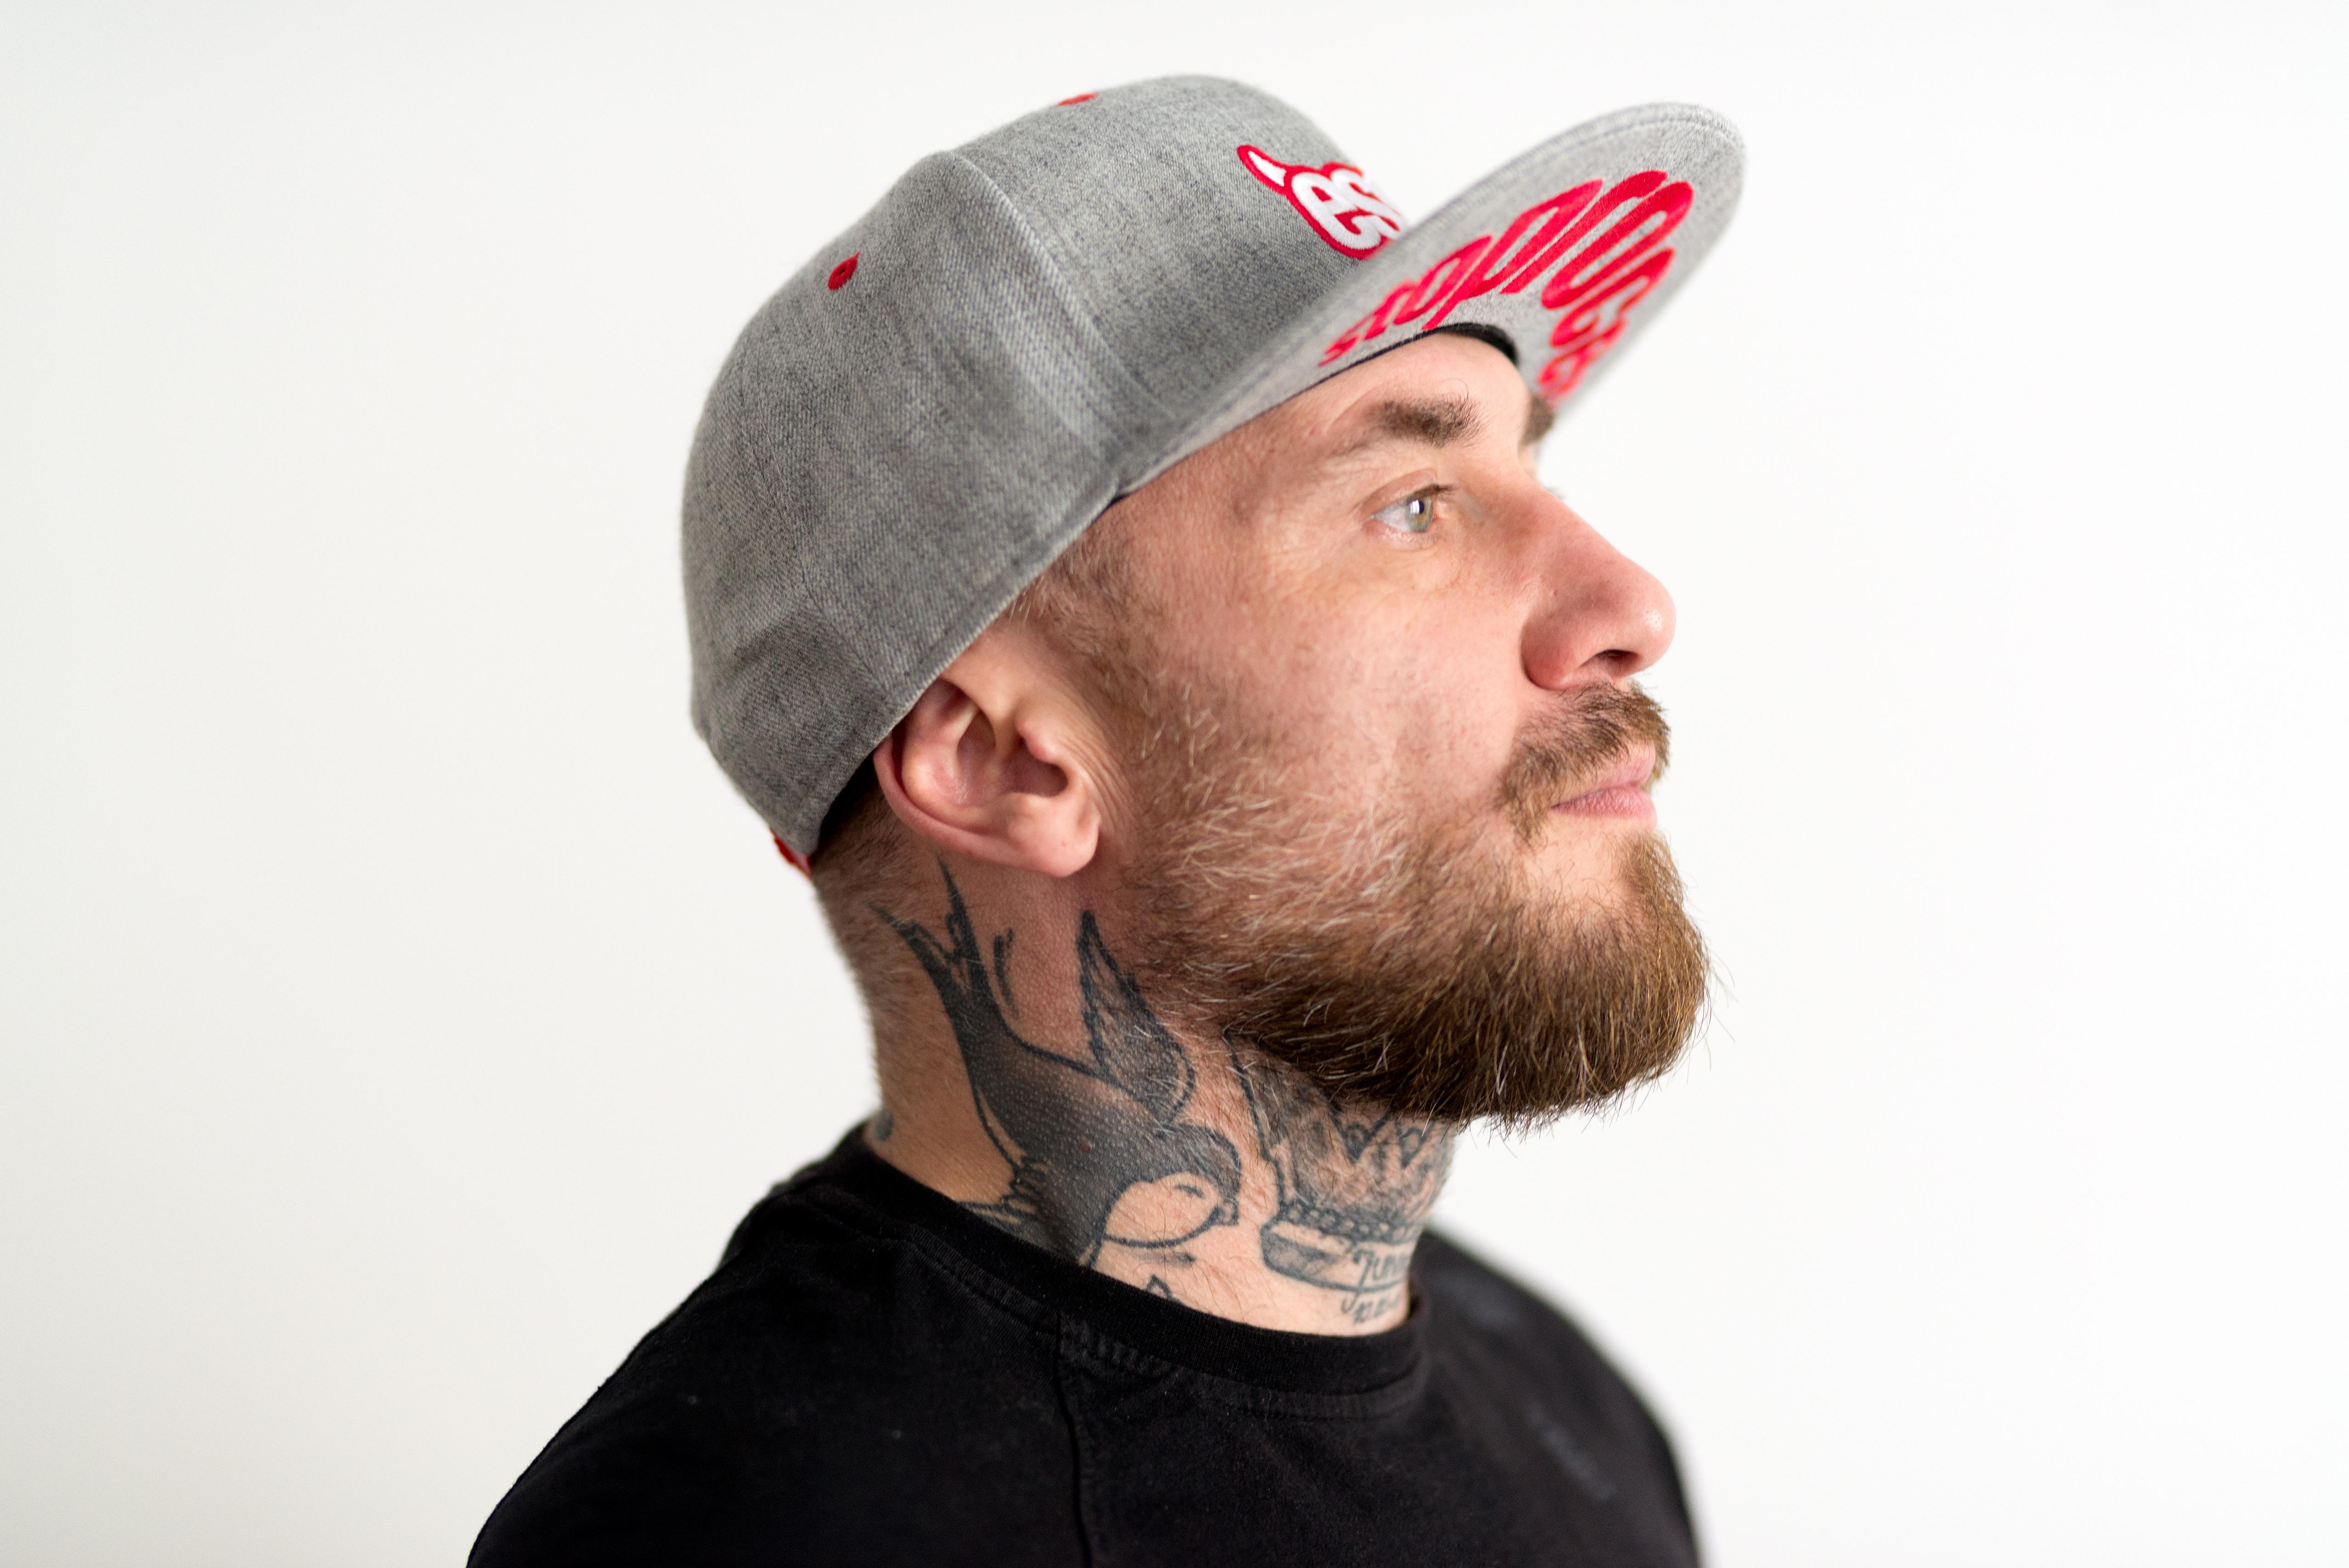 Muzycy Zdradzają Nam Historie Swoich Tatuaży Sobota Vice